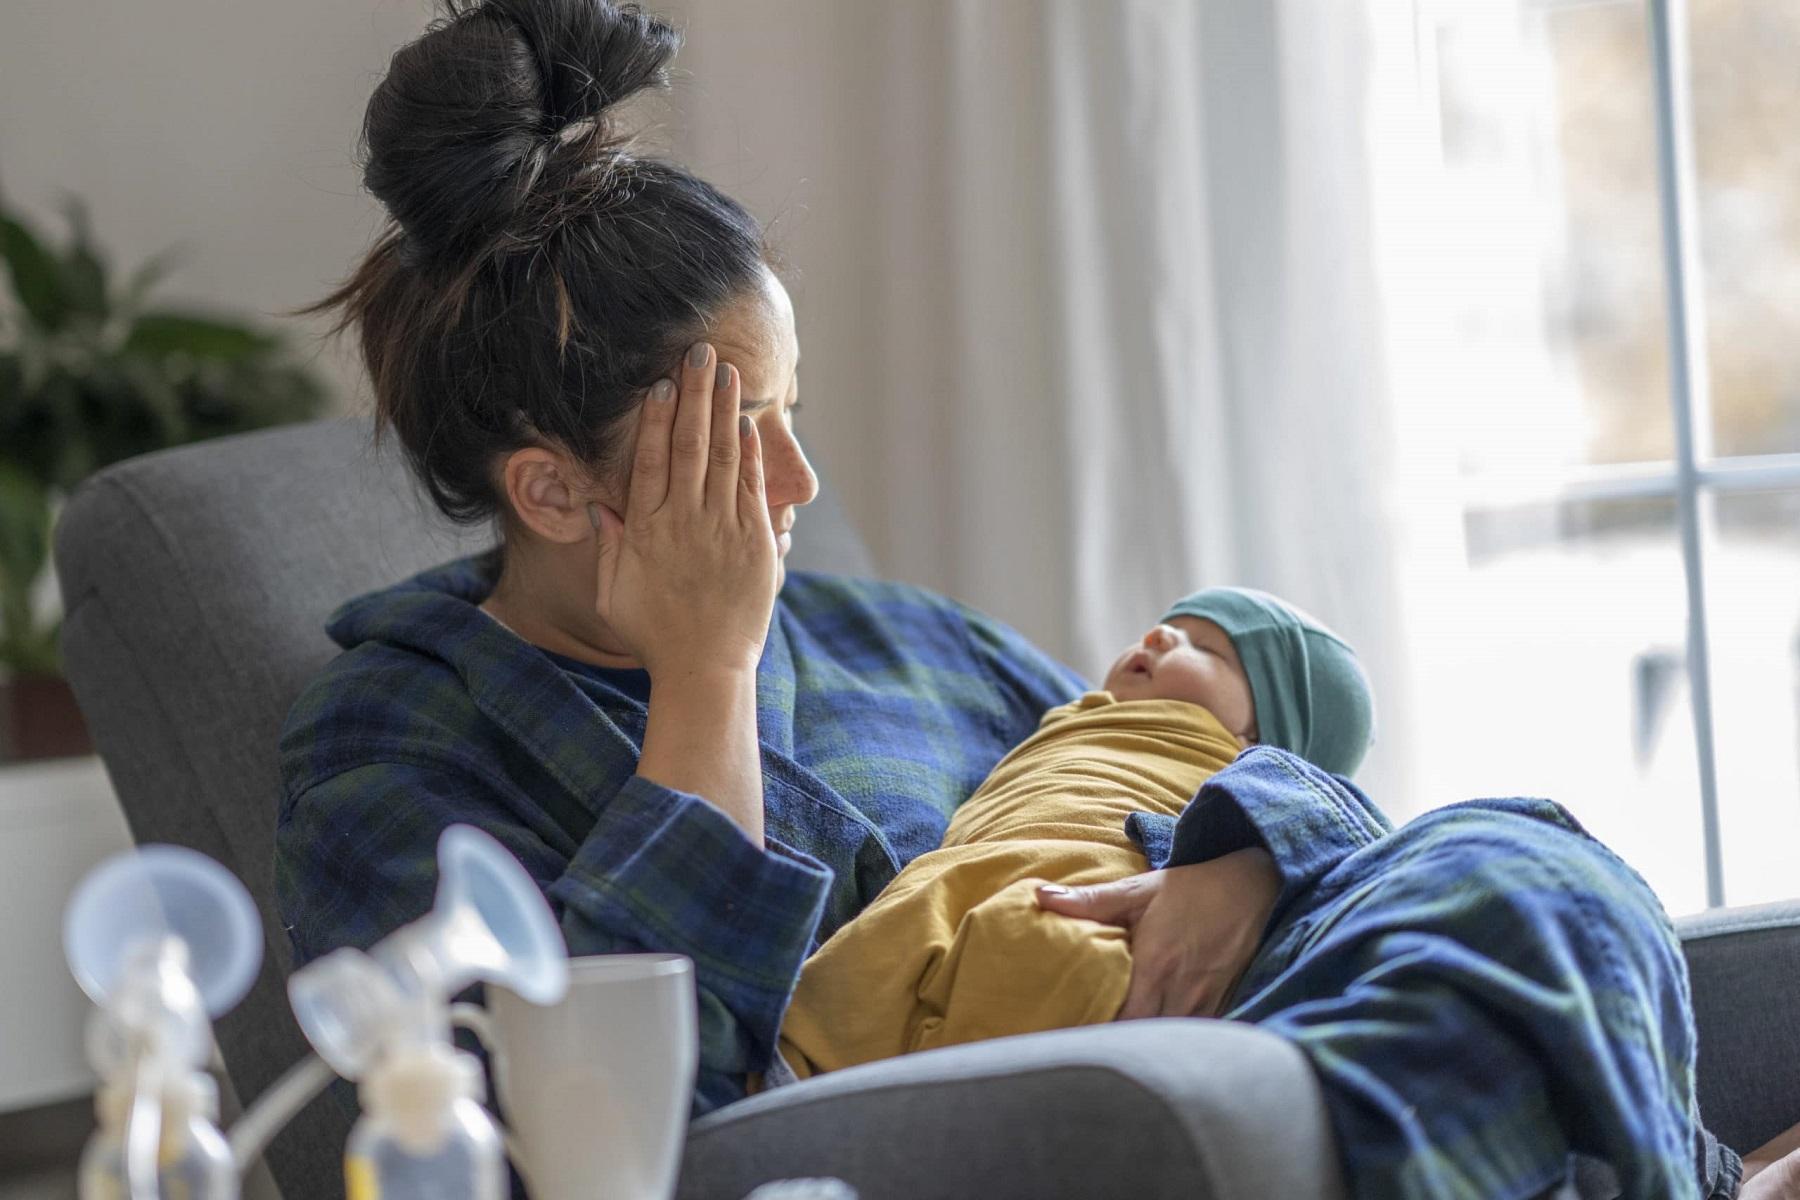 Διαταραχές Ψυχικές ΗΠΑ: Αυξήθηκαν οι επισκέψεις για ψυχιατρική φροντίδα γυναικών μετά τον τοκετό